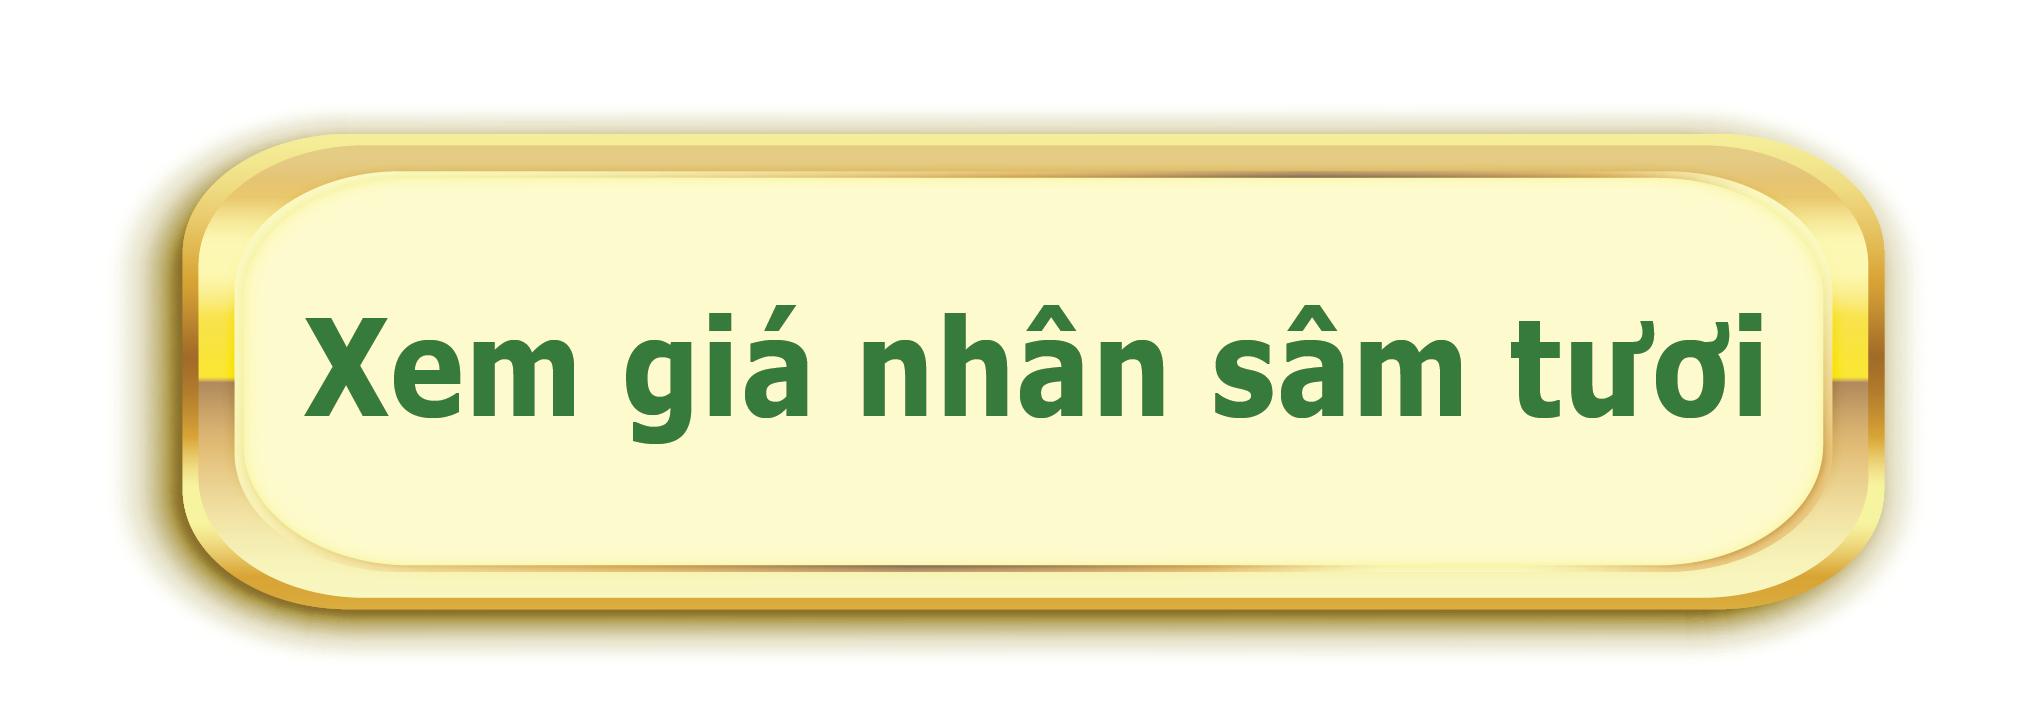 Bảng giá nhân sâm tươi hàn quốc tại saigonsava